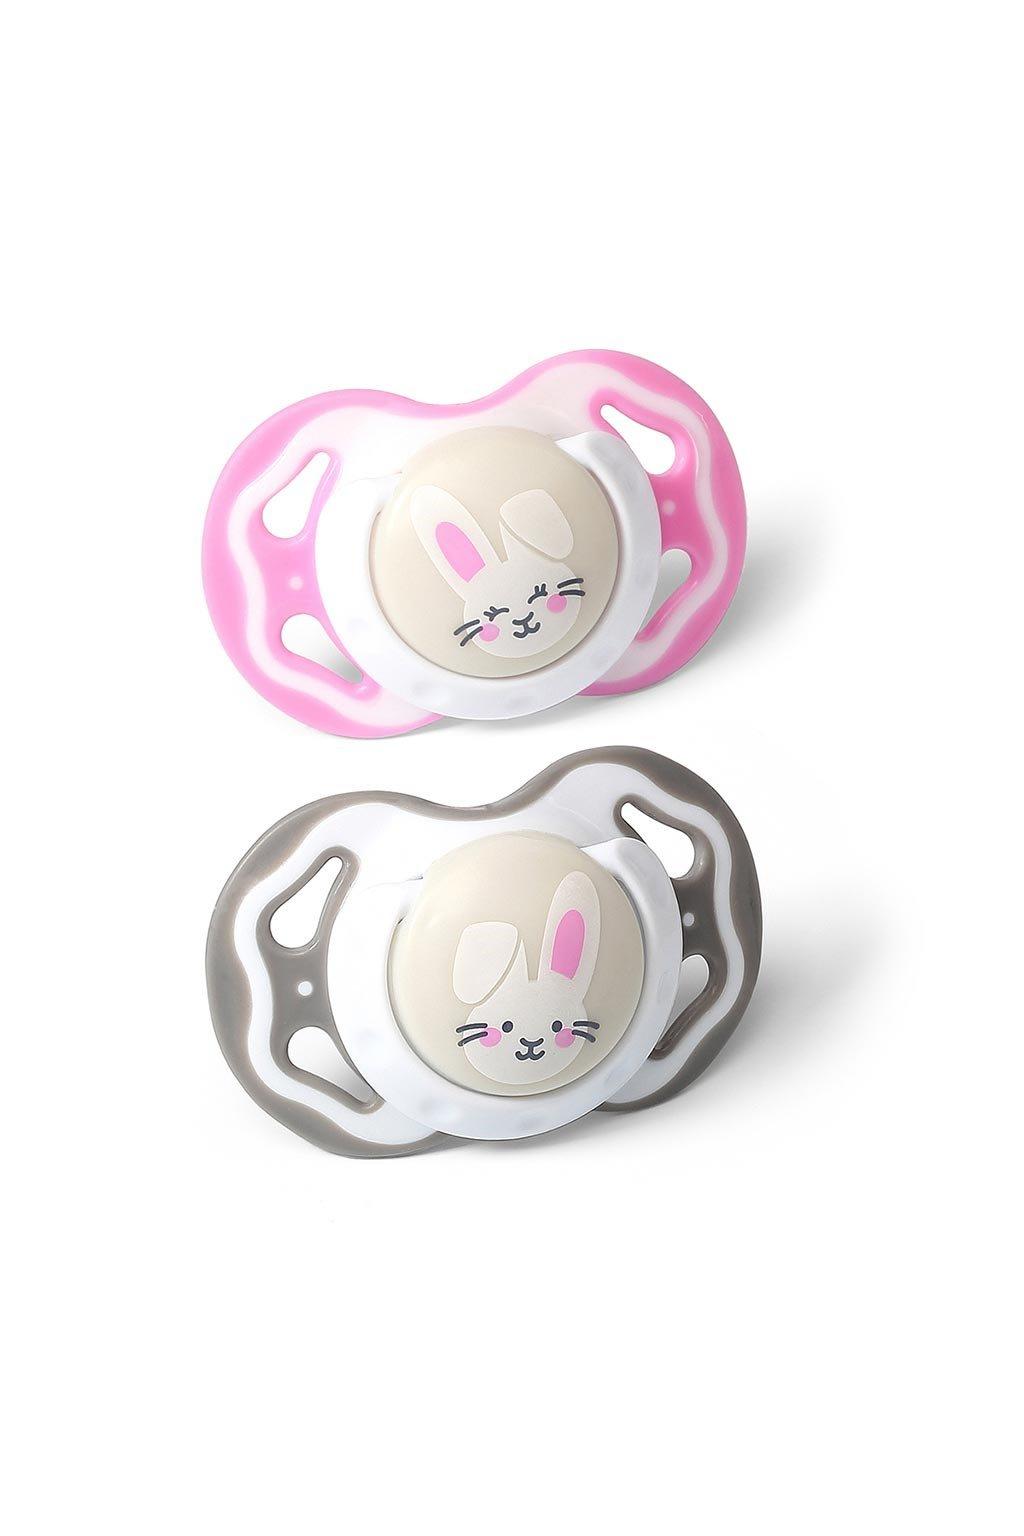 Symetrický cumlík Baby Ono 3-6m 2ks sivý a ružový